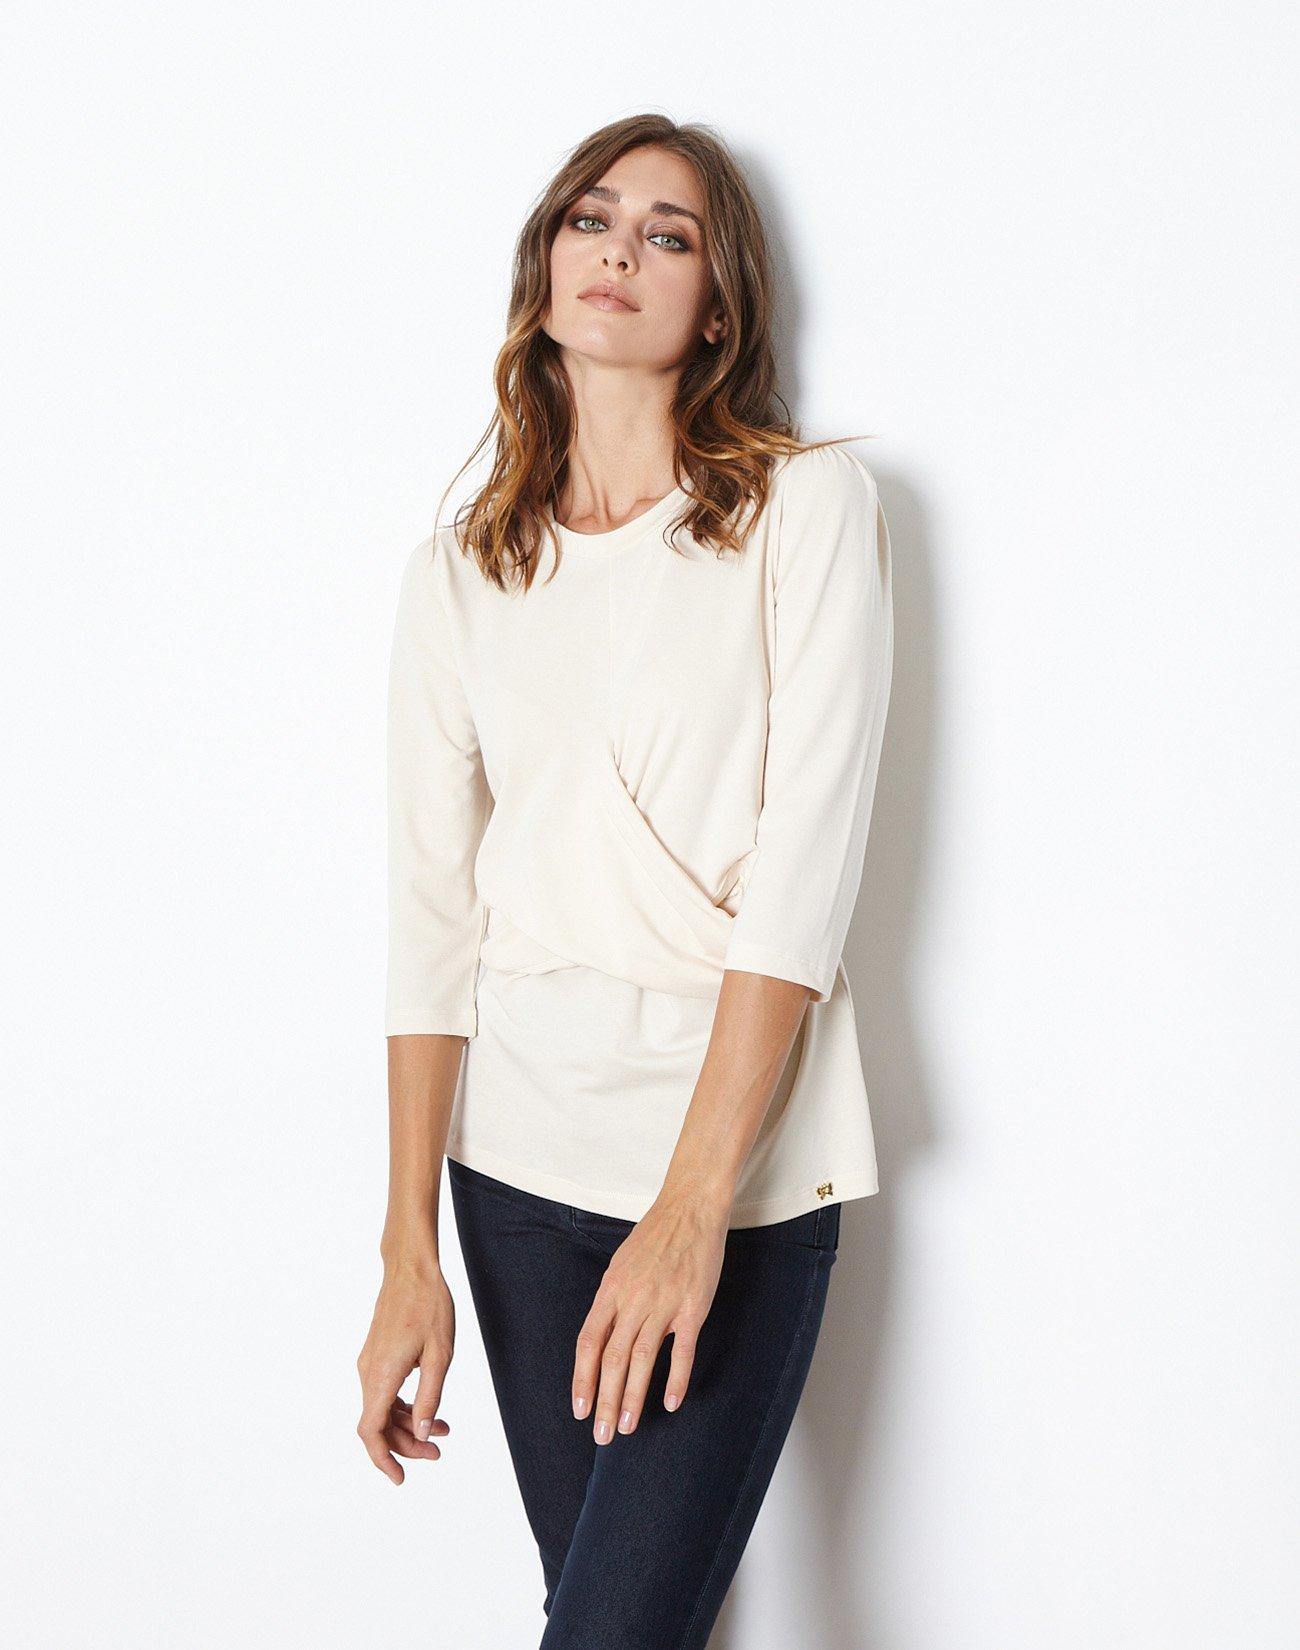 Μπλούζα με κρουαζέ λεπτομέρεια